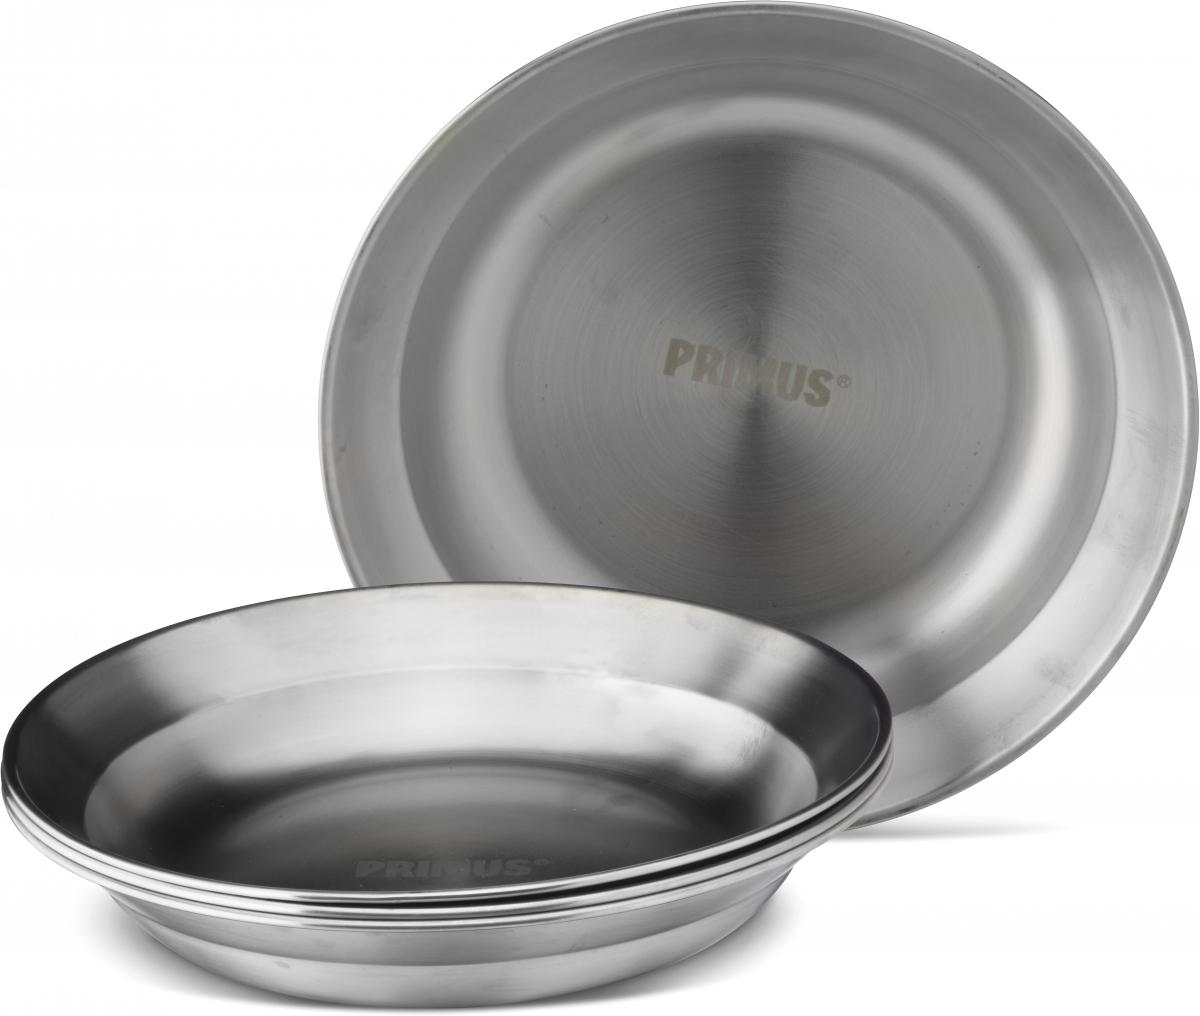 Тарелка Primus CampFire Plate S/S, диаметр 21 см738011Прочная и долговечная тарелка выполнена из нержавеющей стали. Благодаря широким бортикам, тарелку удобно держать во время еды.Диаметр тарелки: 21 см.